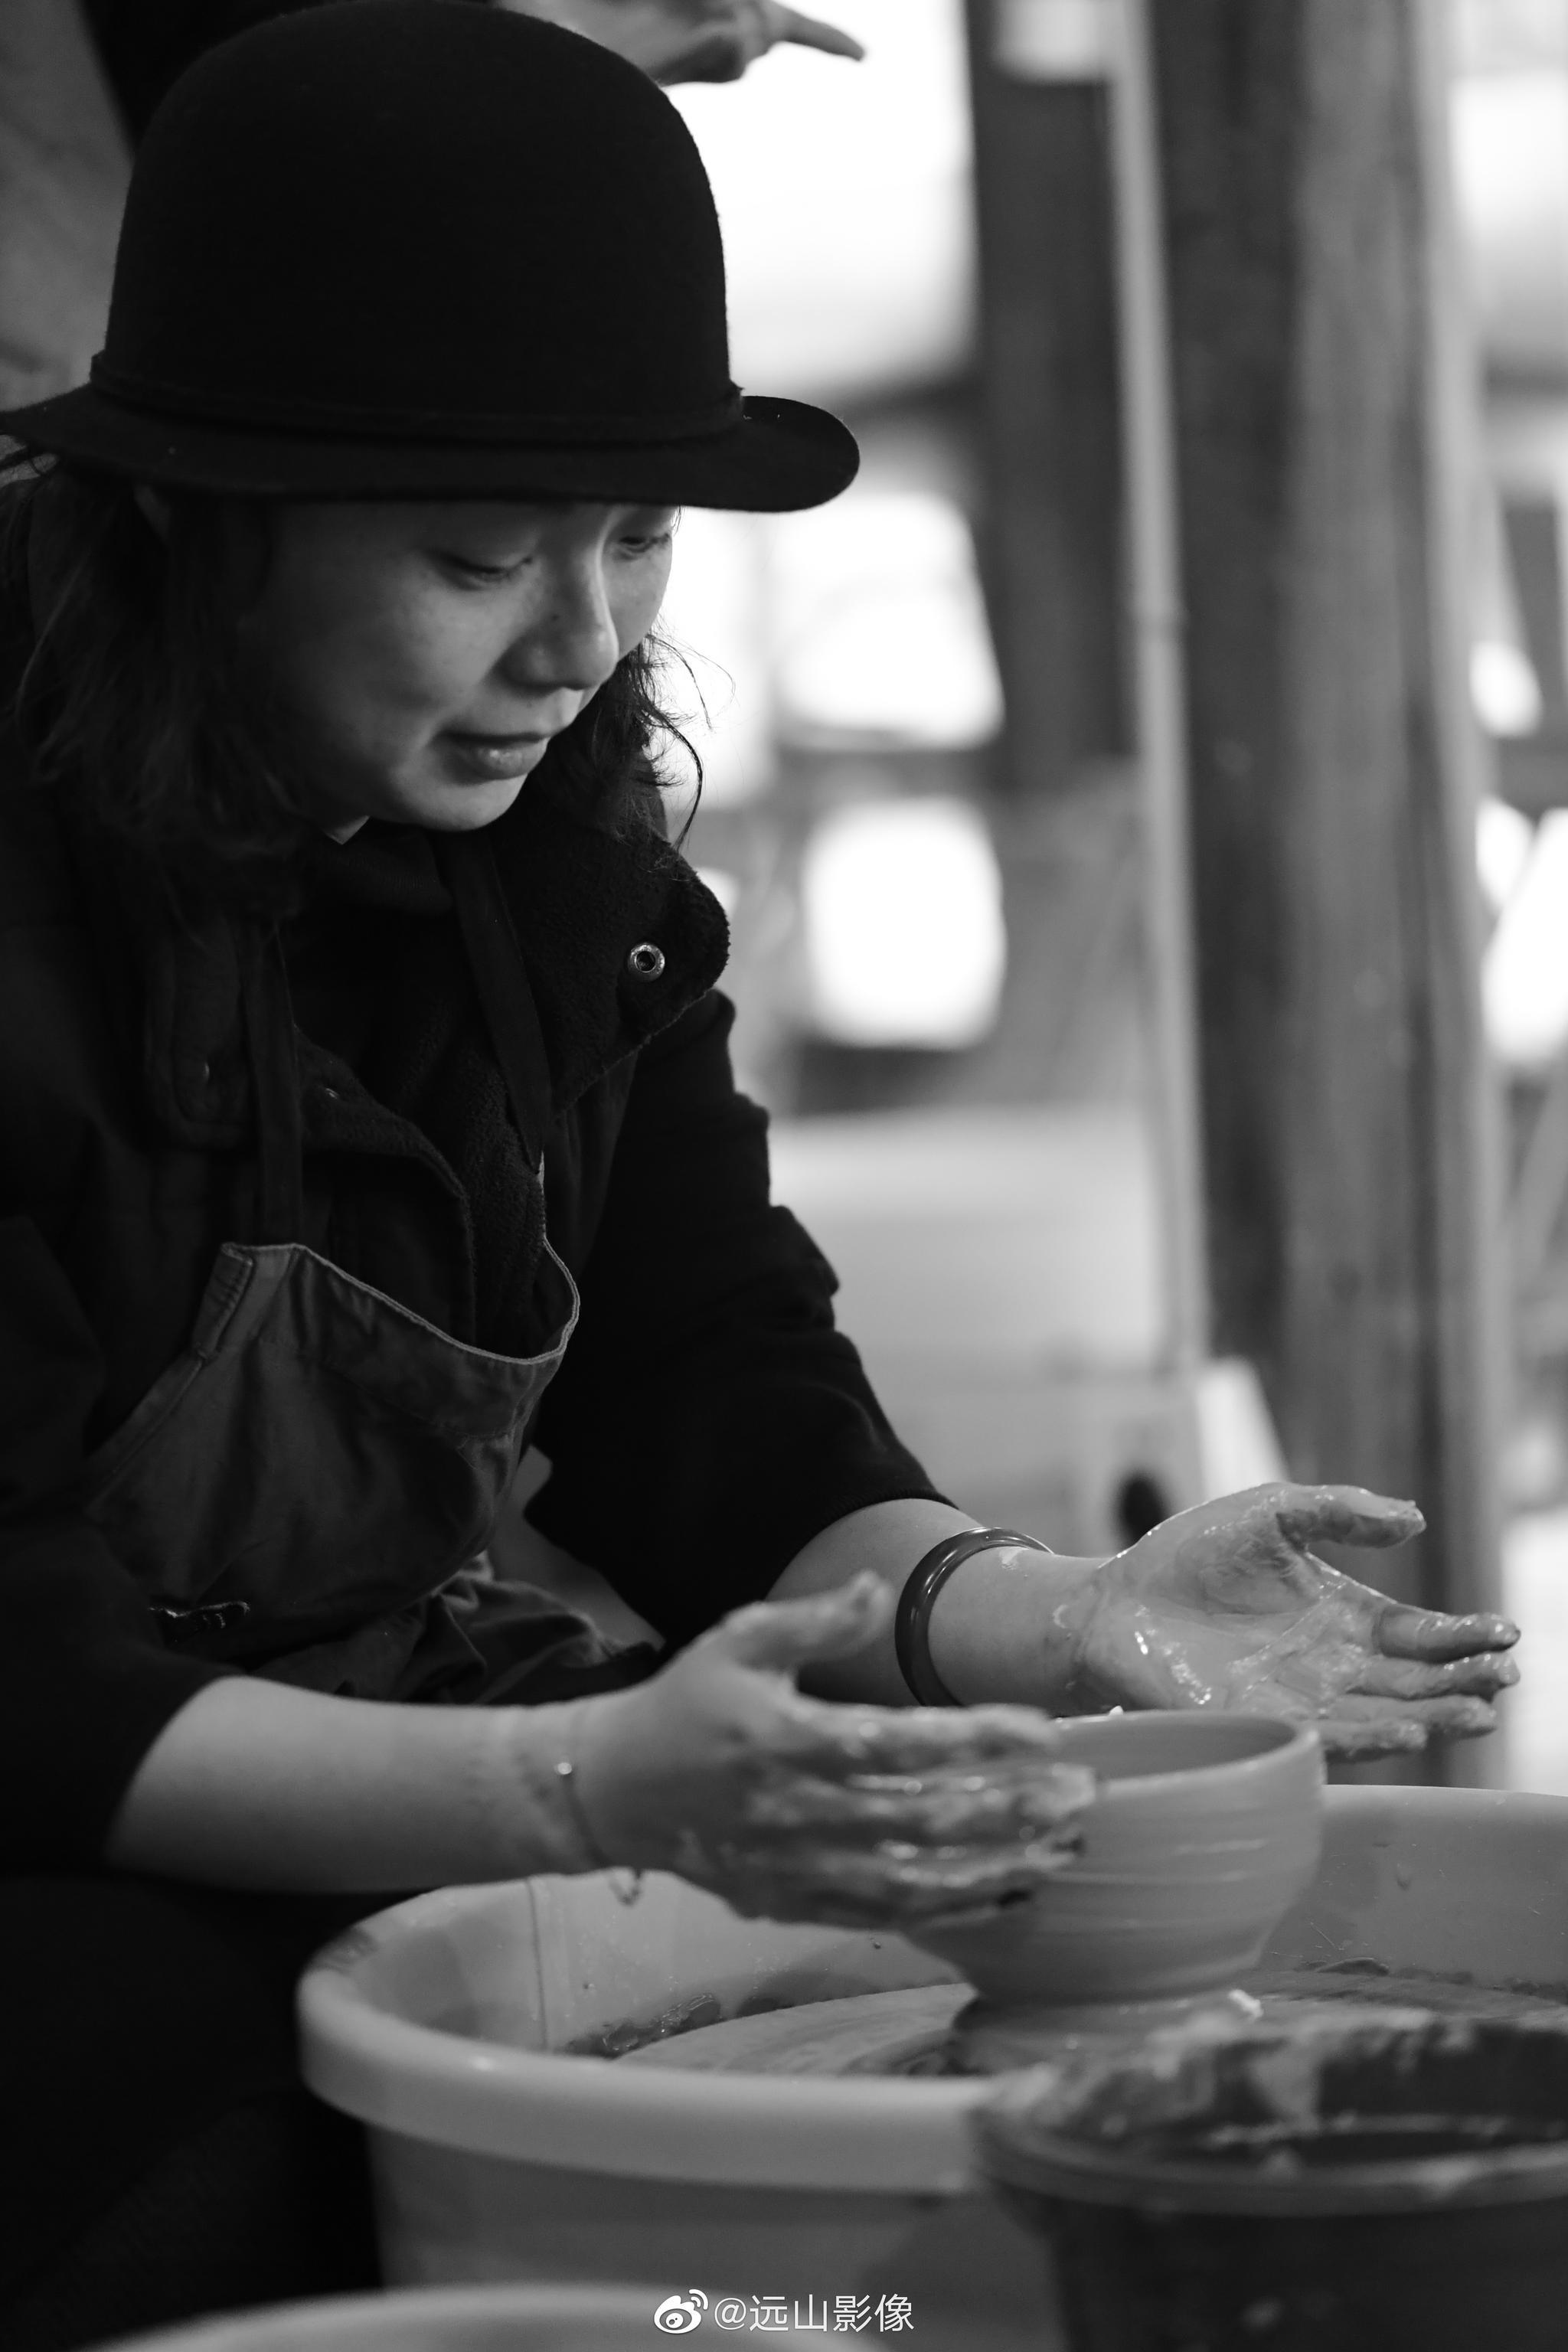 下午的陶艺体验   景德镇摄影游学图记